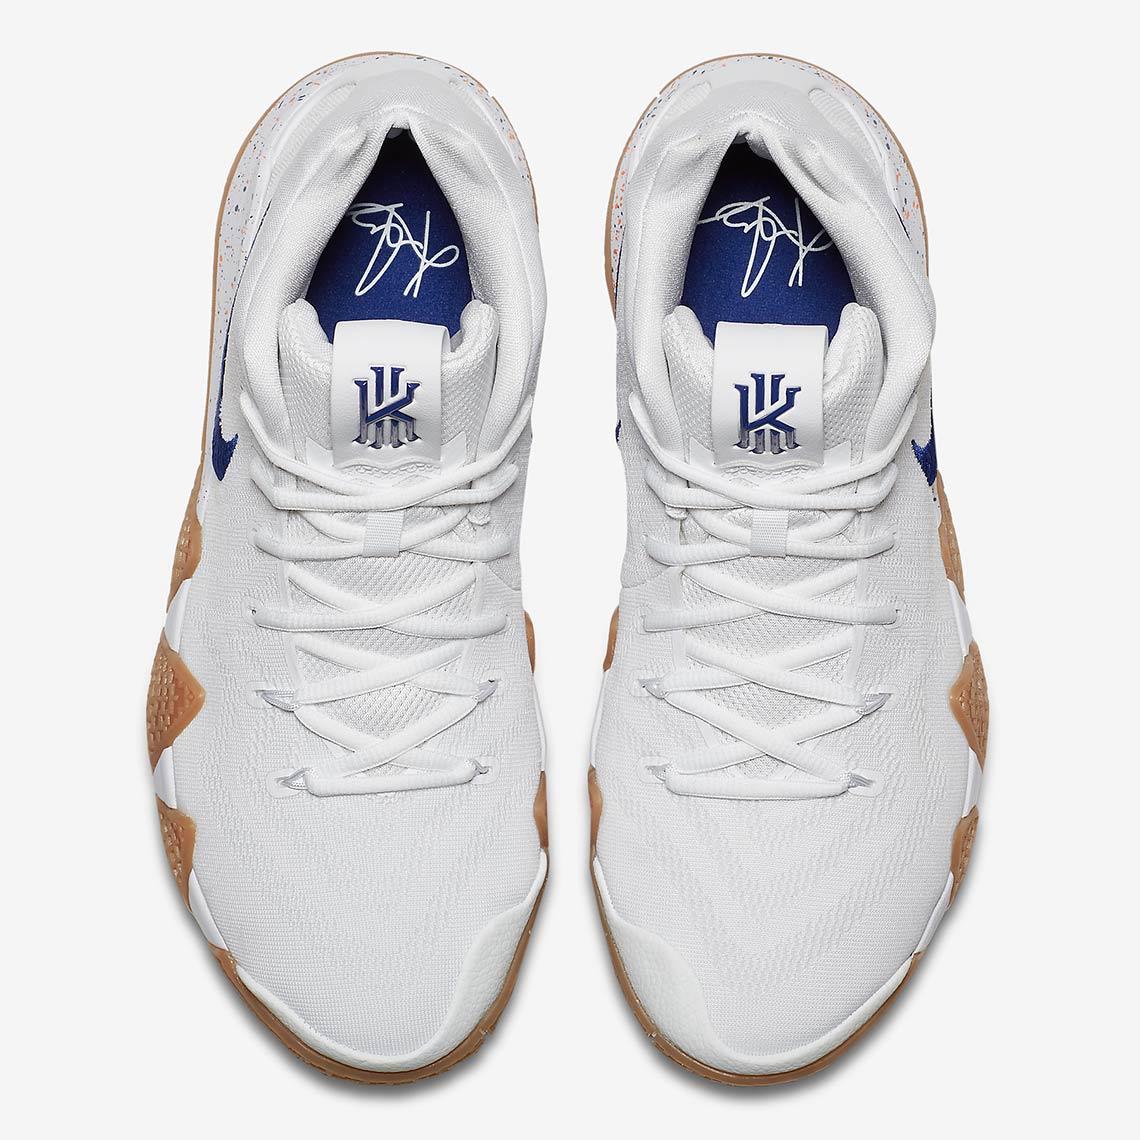 0b63a2427ba Nike Kyrie 4